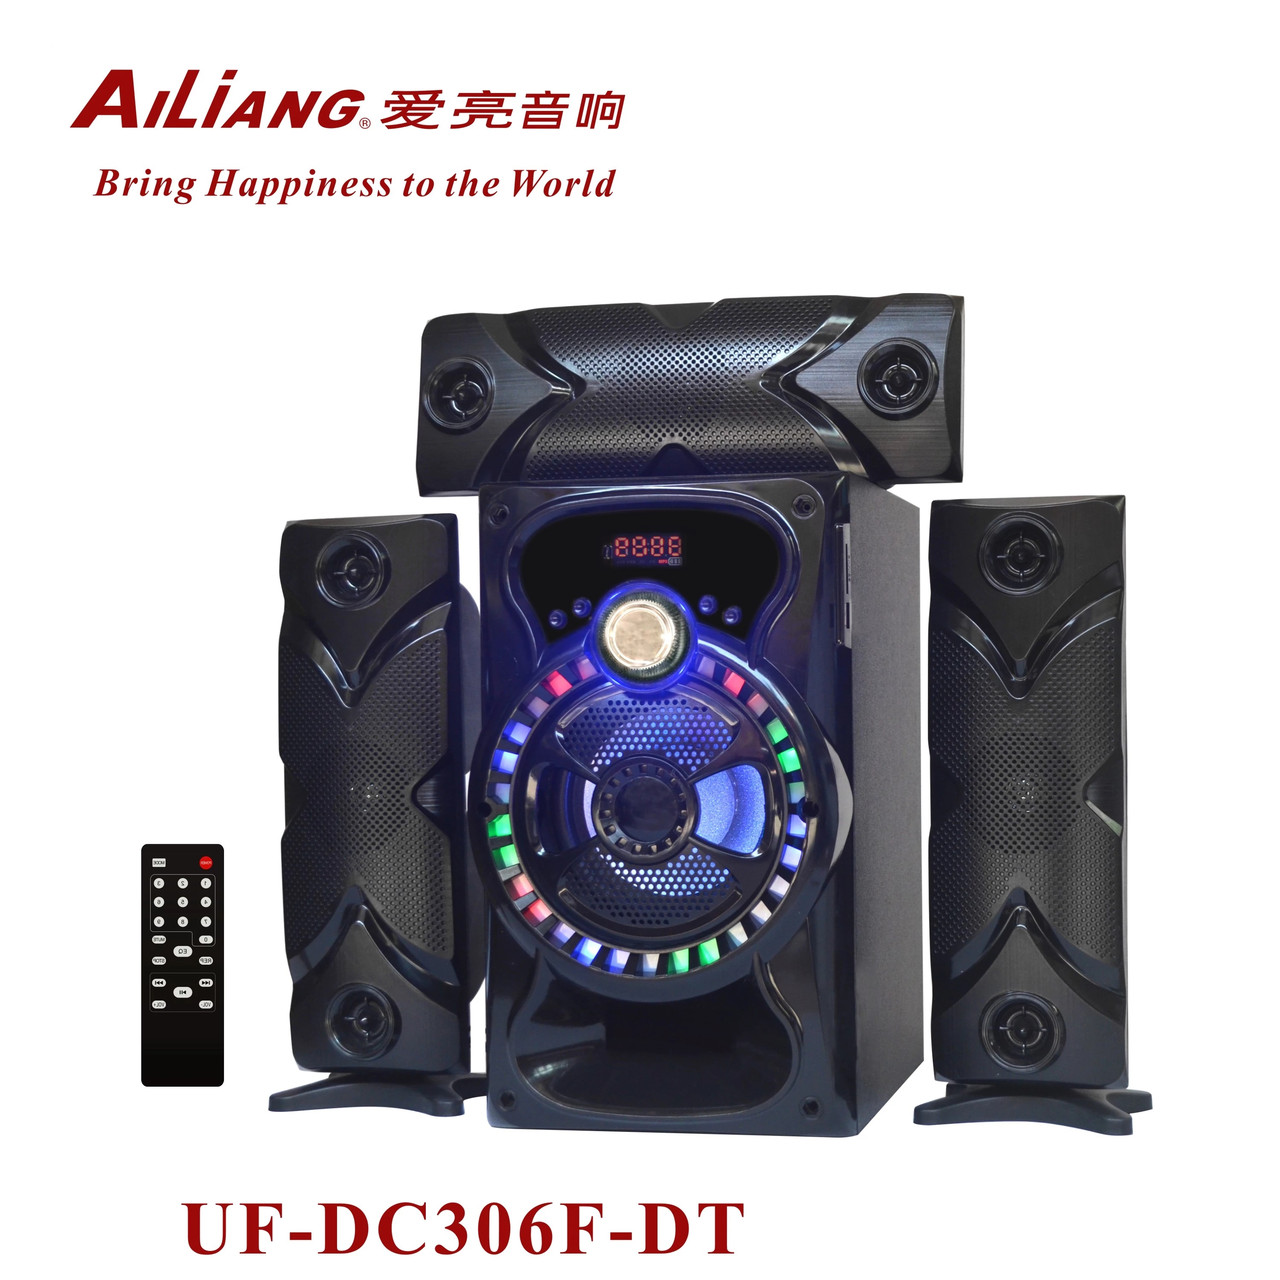 Беспроводная аккумуляторная колонка чемодан Ailiang UF-DC306F-DT, портативная Bluetooth акустика с усилителем